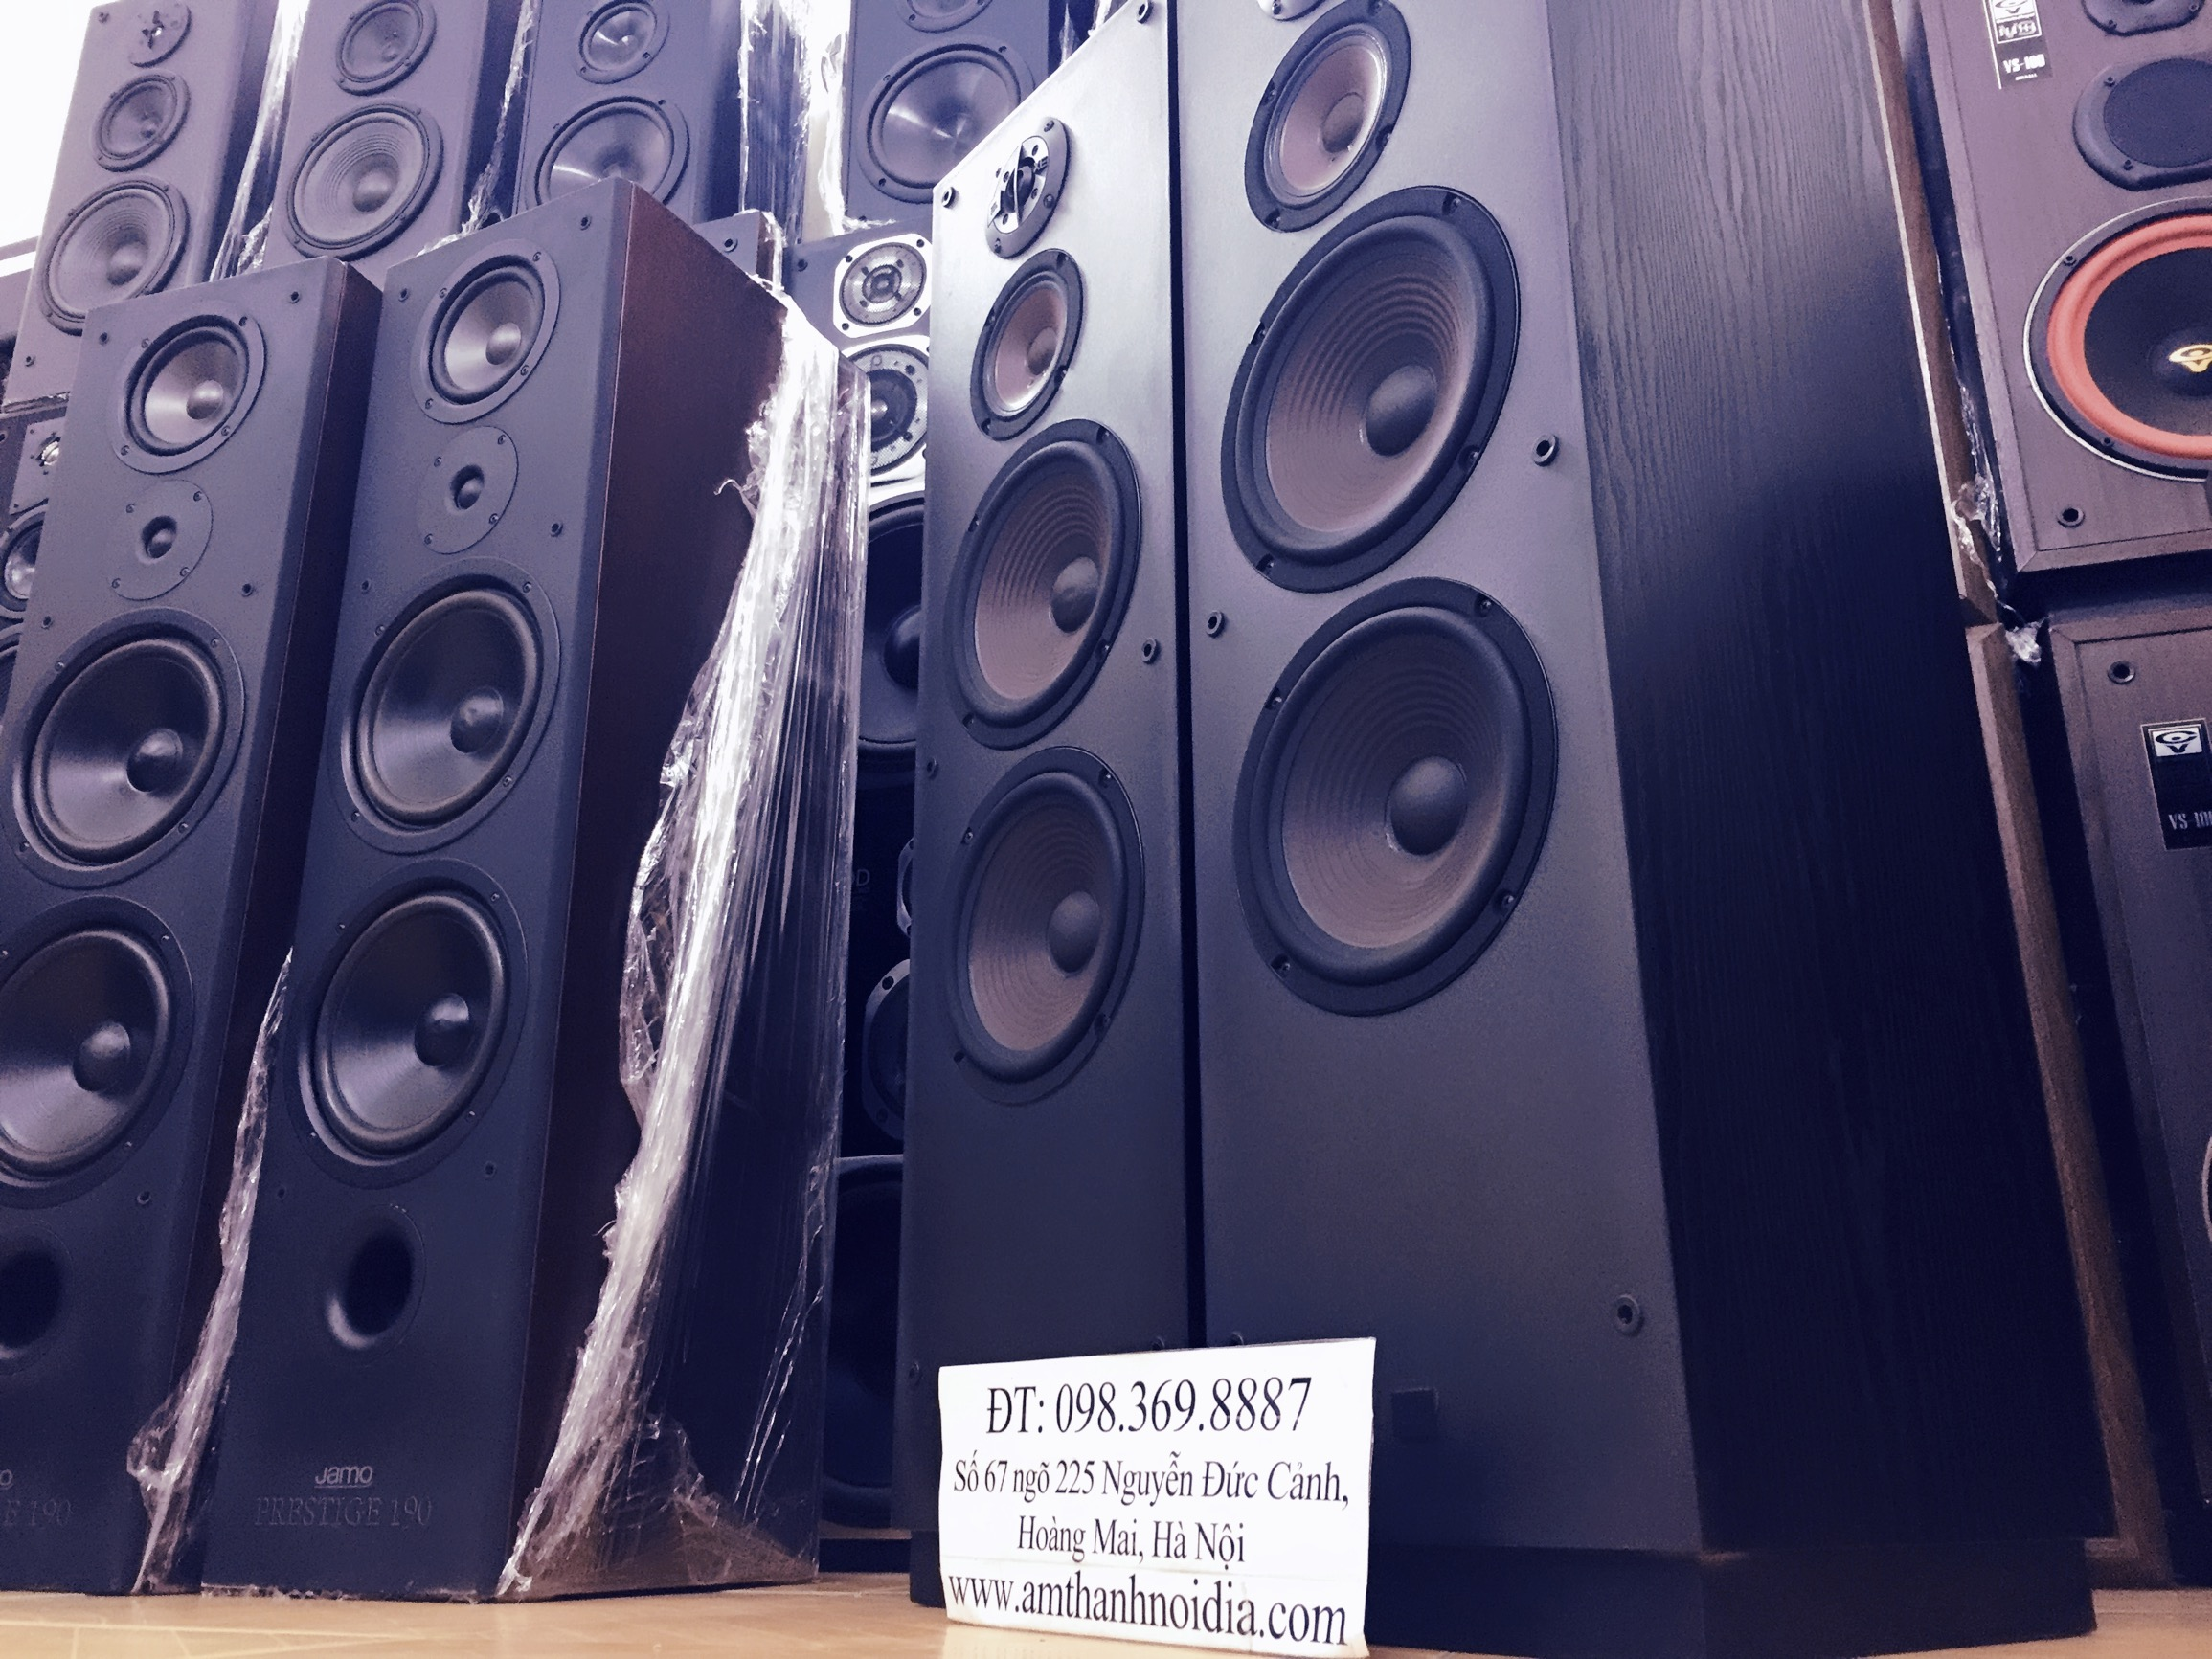 2 Loa JBL G500 2 bass điện uy lực treb tơi nhuyễn